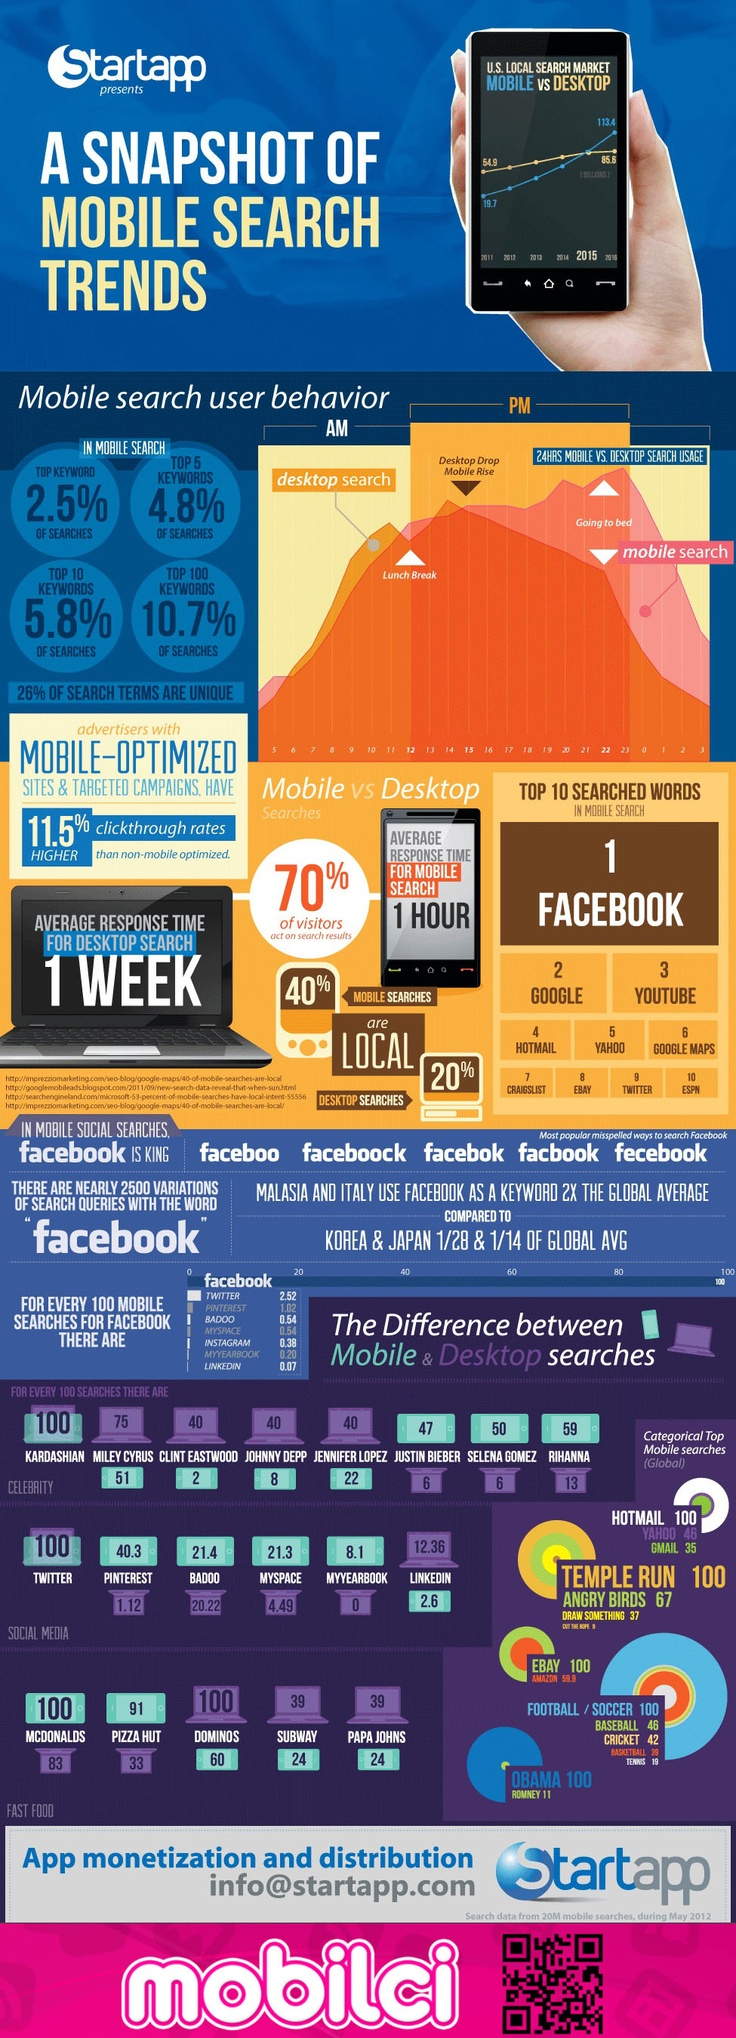 #Mobil Arama Trendleri - #Mobile Search Trends